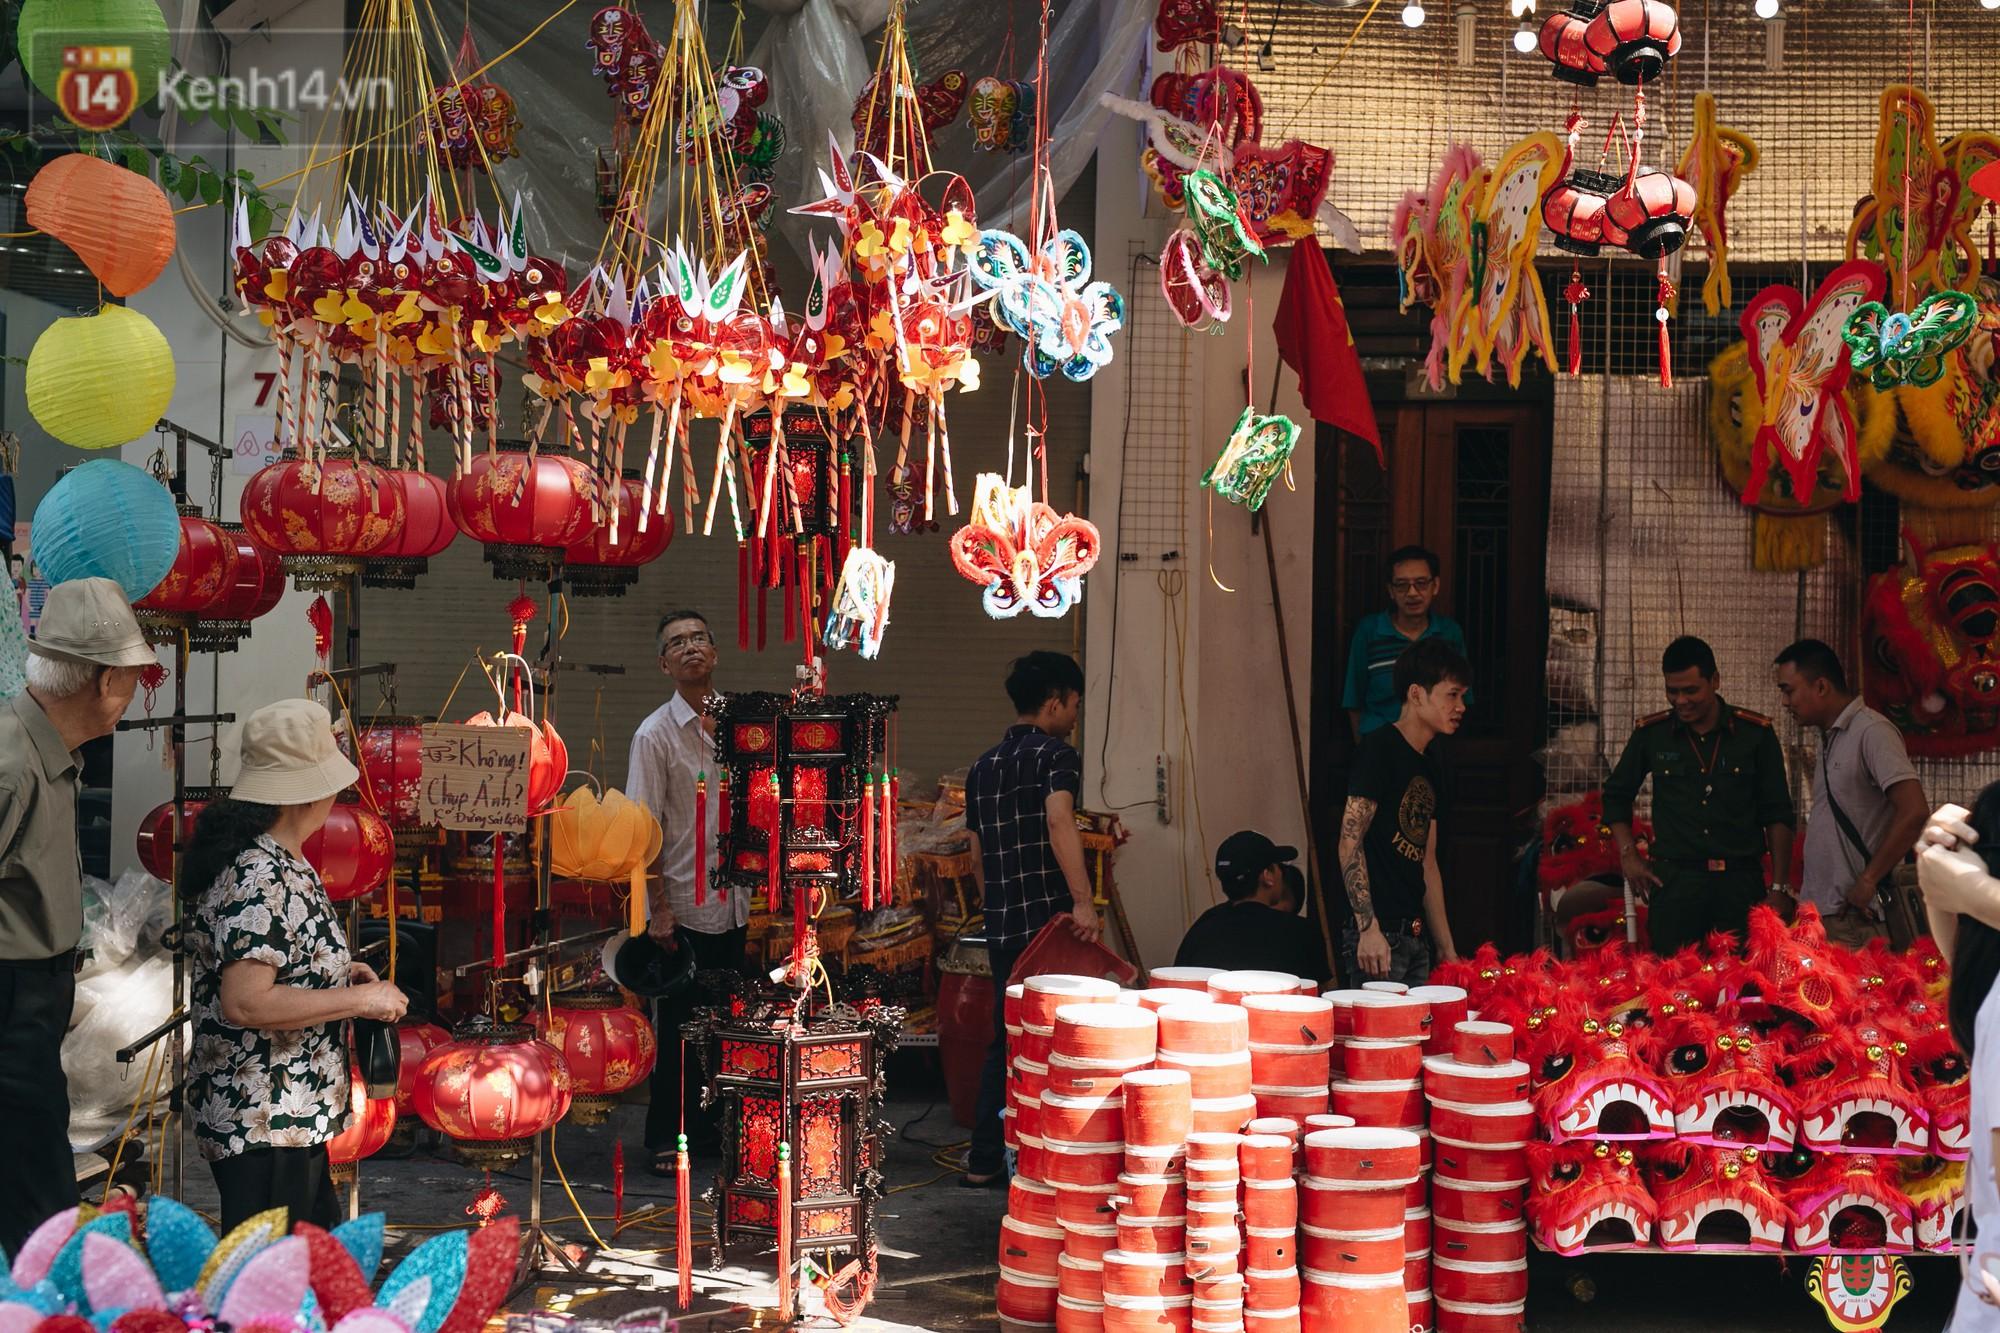 Ảnh: Một ngày trước rằm tháng 8, người dân đổ xô lên phố Hàng Mã vui chơi Trung thu - Ảnh 1.